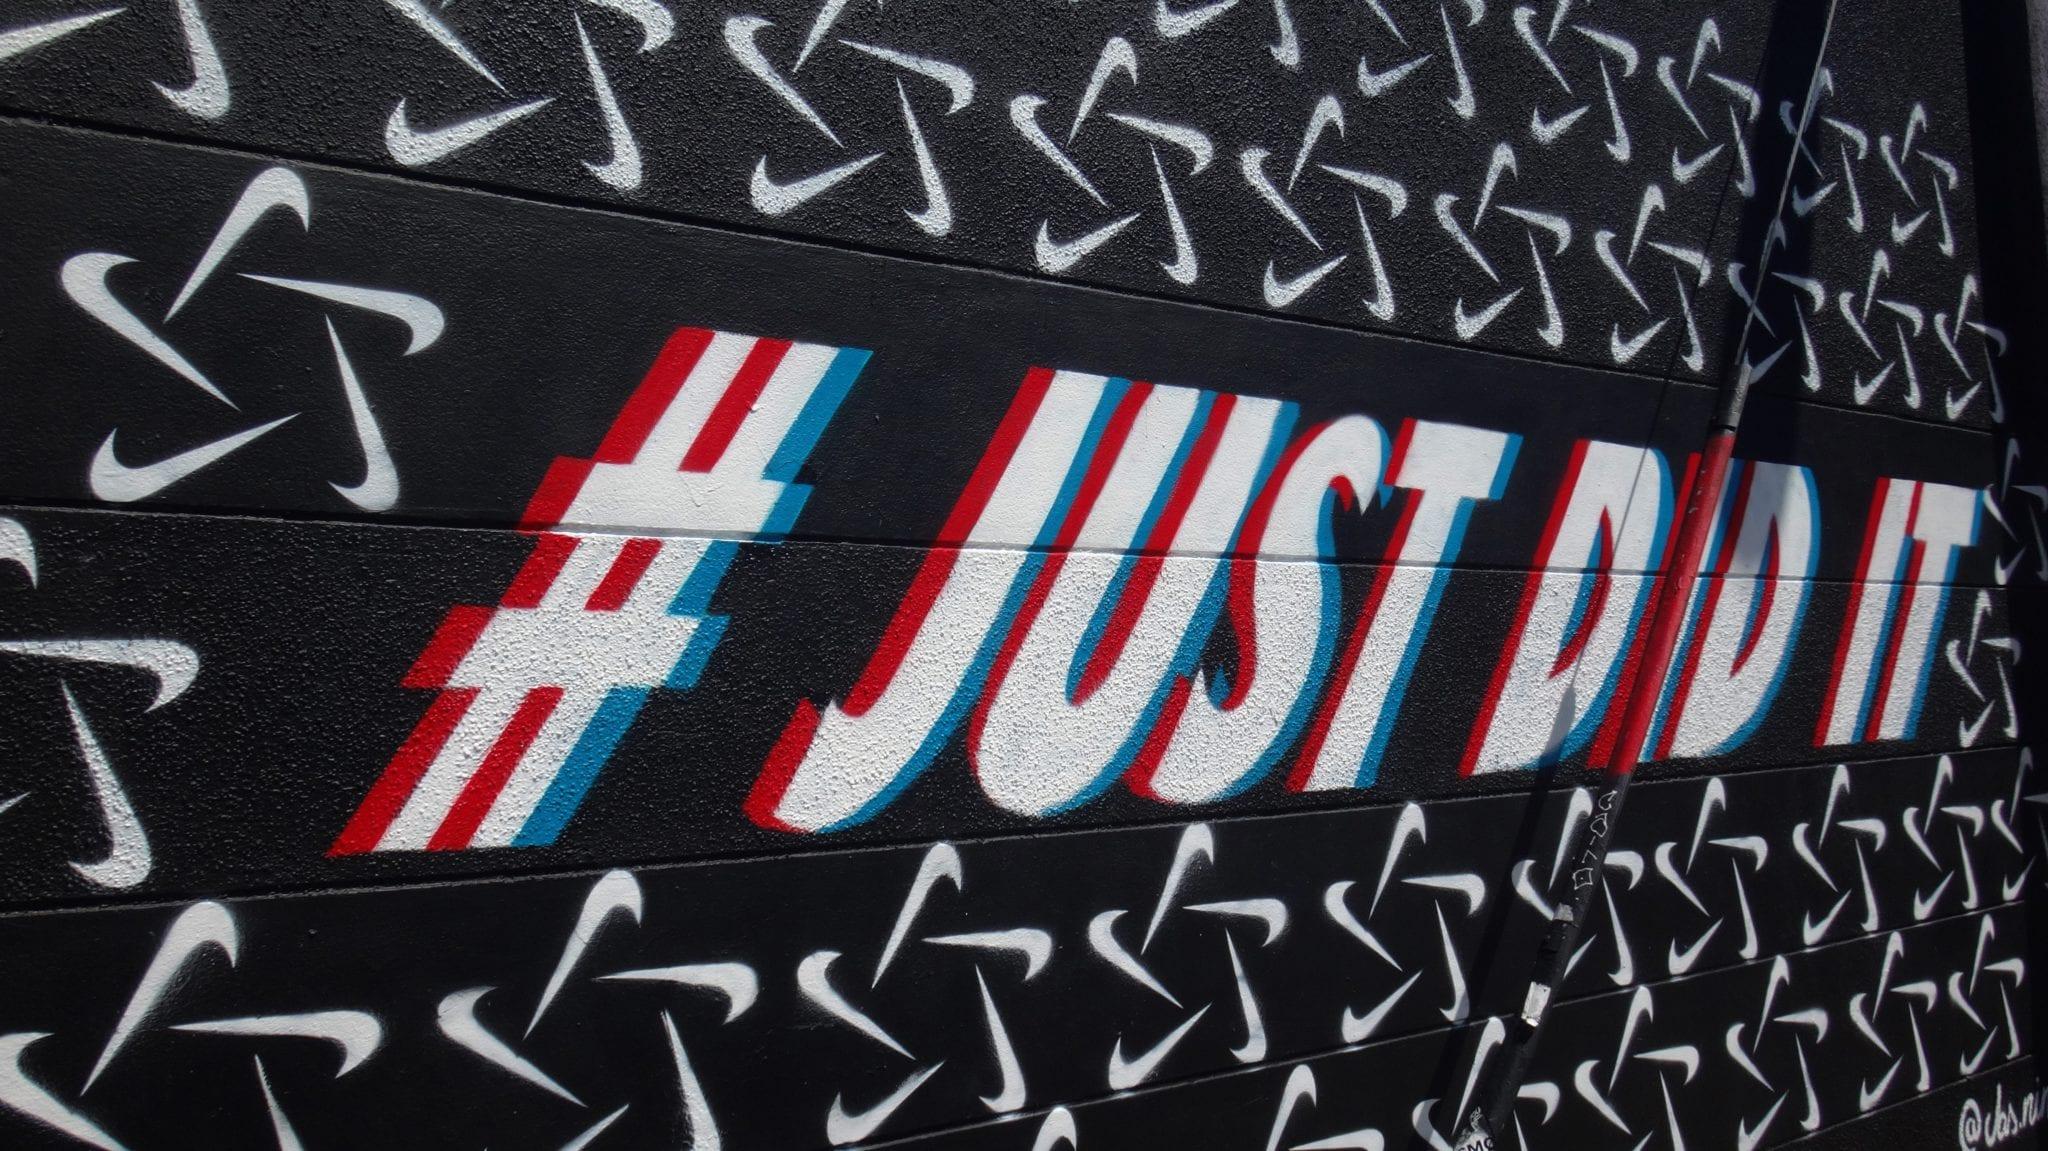 Aprende Sobre Los Tipos De Hashtags Y Cómo Usarlos 2heart